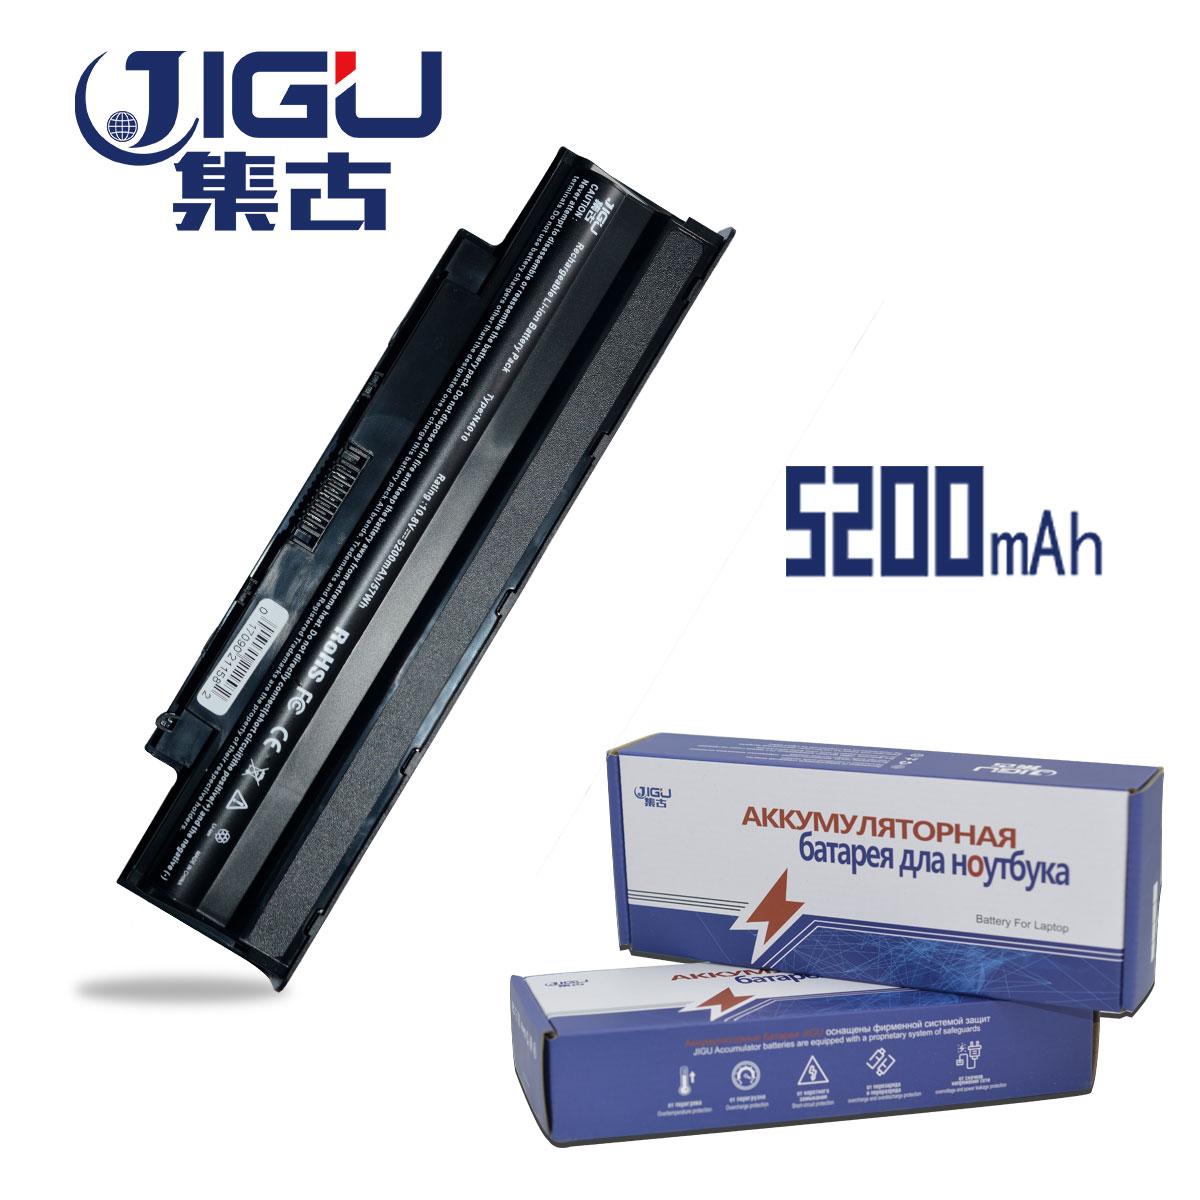 цена на JIGU Laptop Battery For Dell Inspiron N7110 M5030 M5040 M501 N4050 N5030 N5040 N5050 N4120 M501R 312-1201 451-11510 J1knd 3450